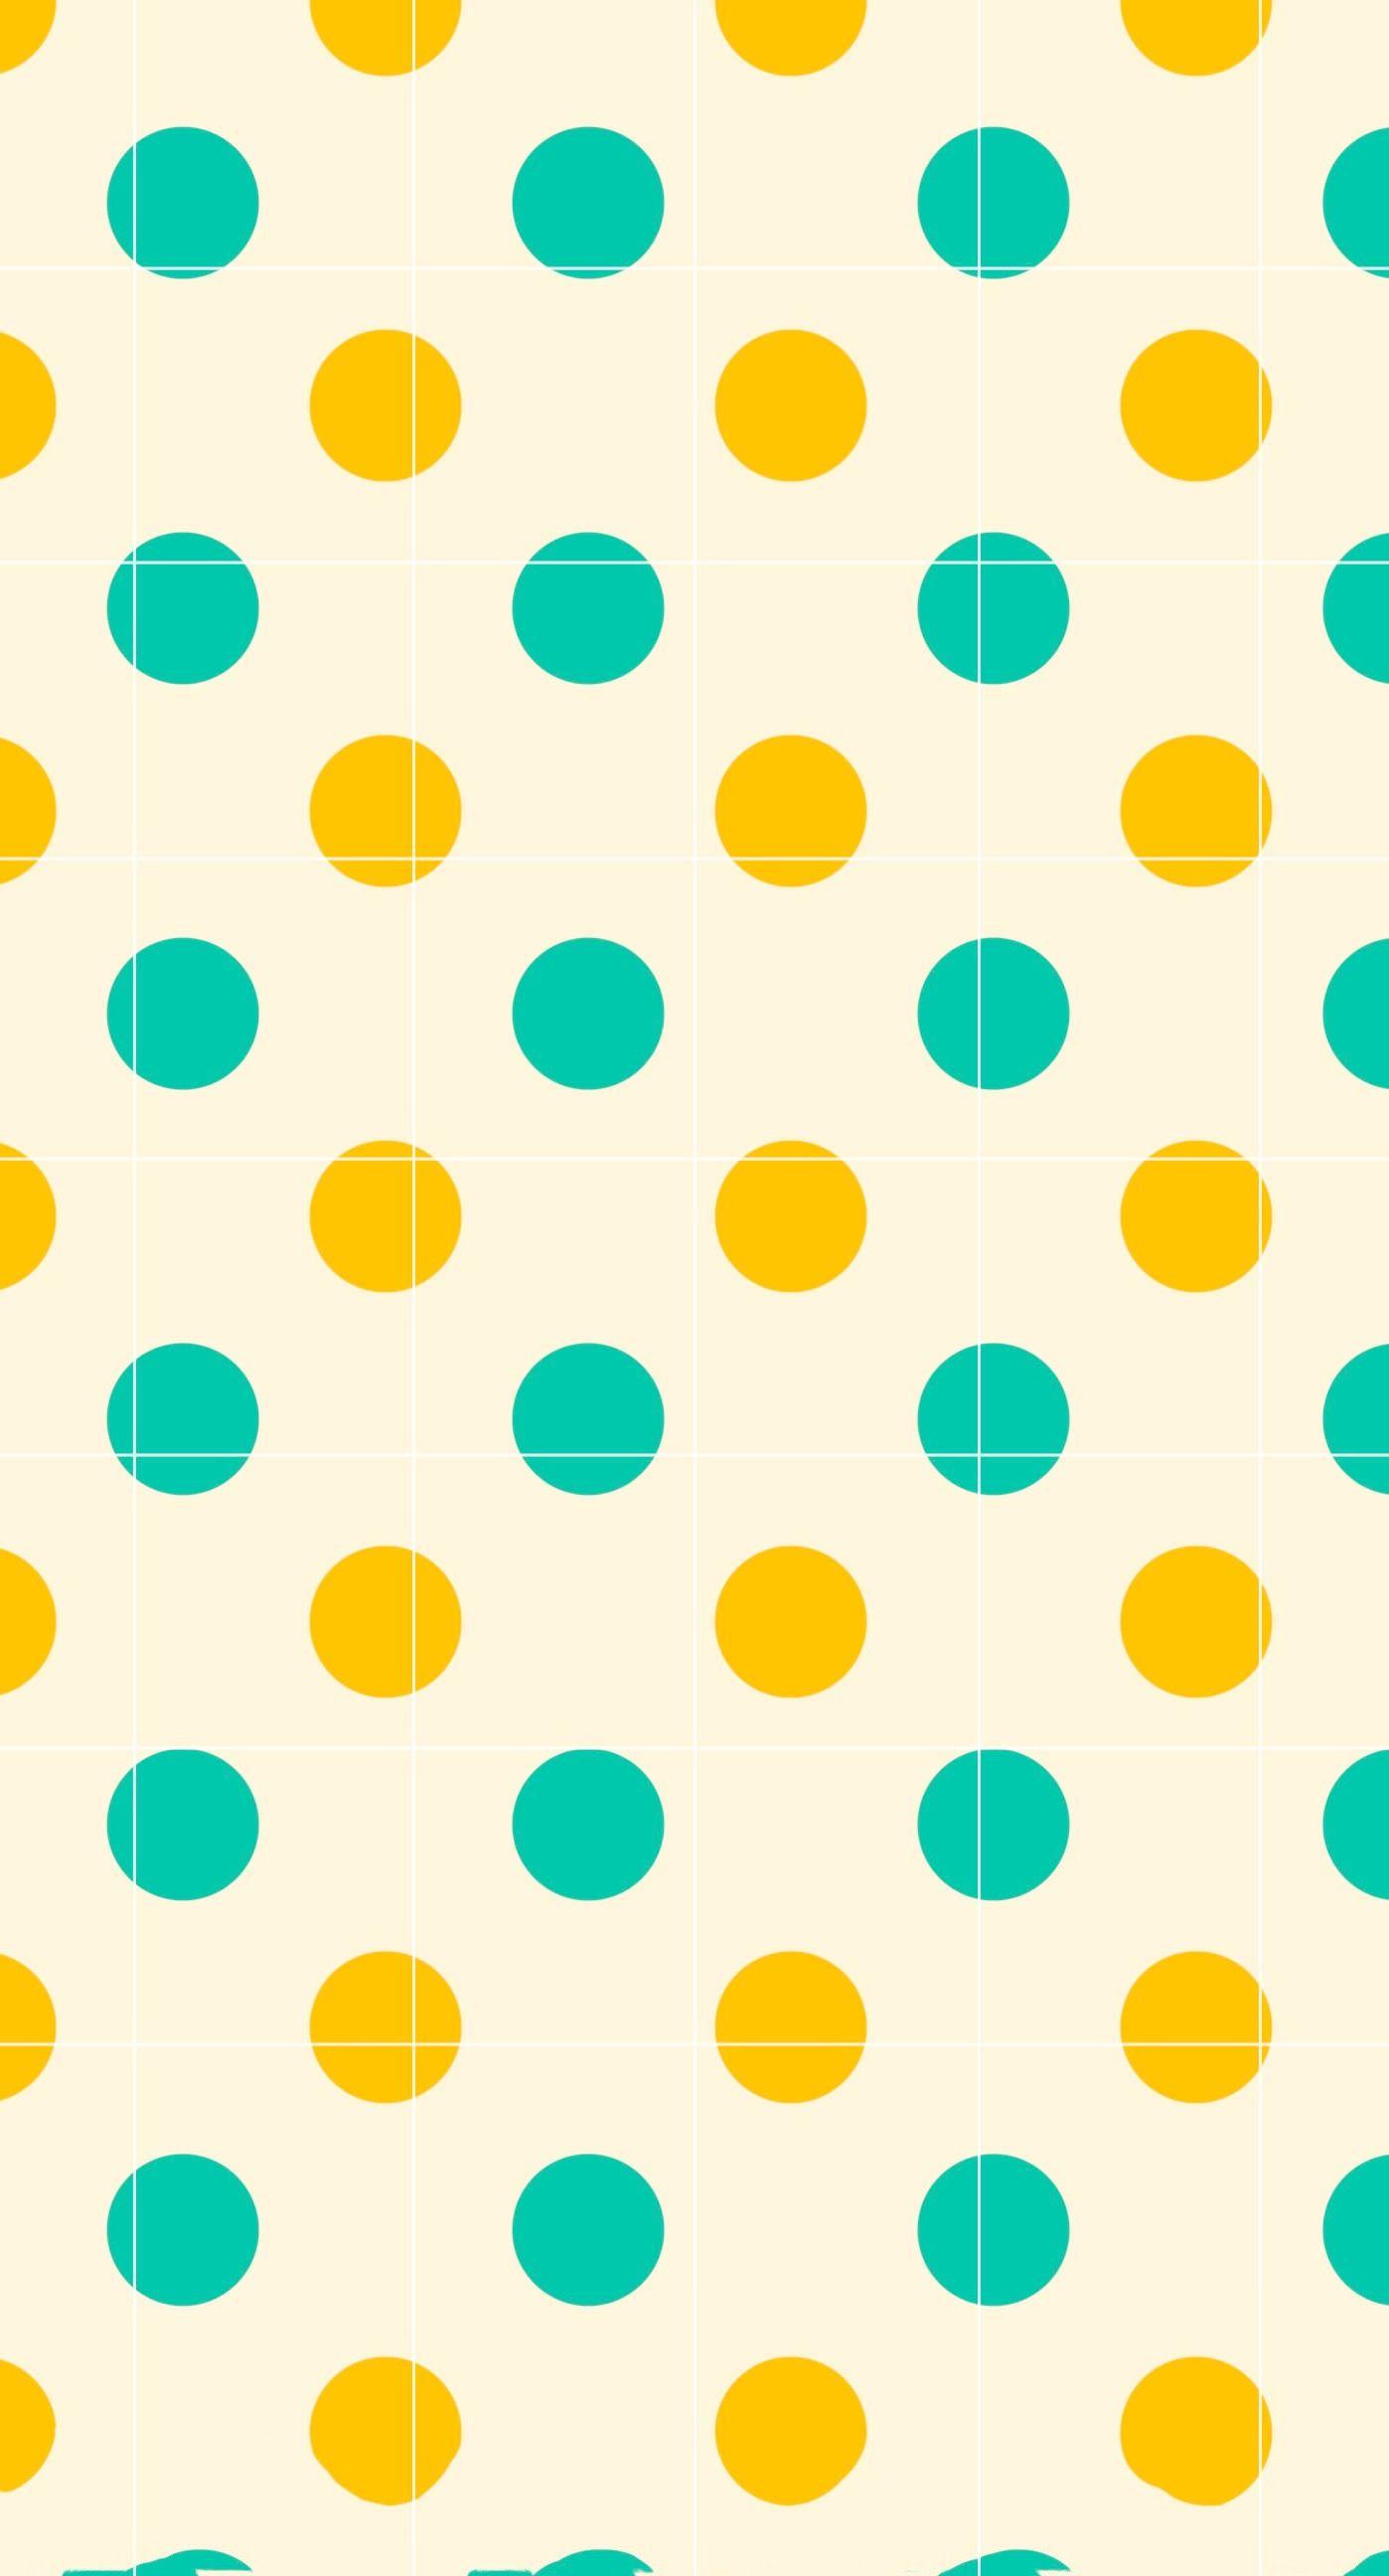 水玉棚緑橙罫線 | wallpaper.sc iPhone8Plus壁紙